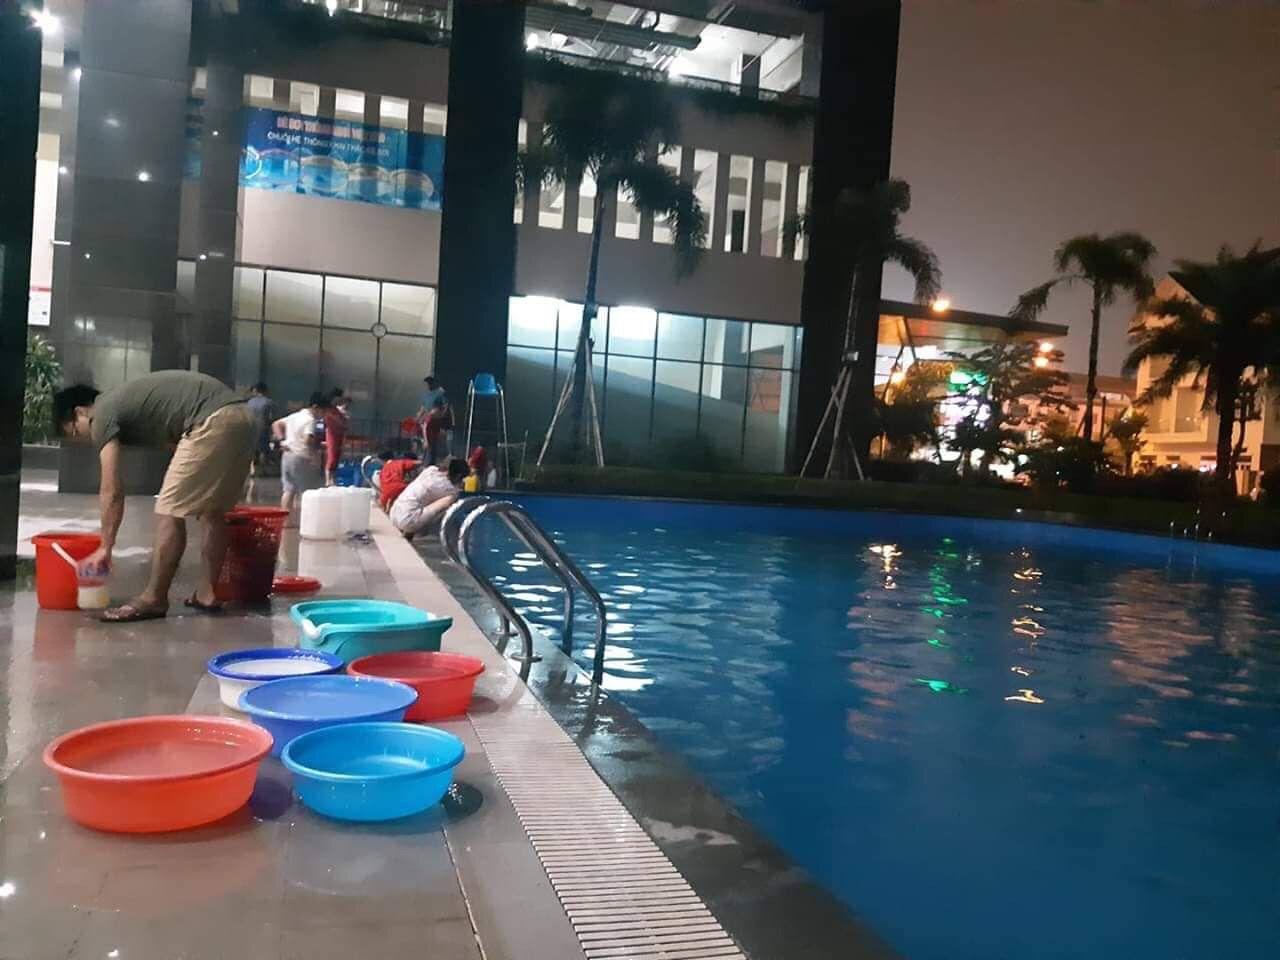 Dân Hà Nội xếp hàng từ đêm khuya, lấy cả nước từ... bể bơi về dùng - 2